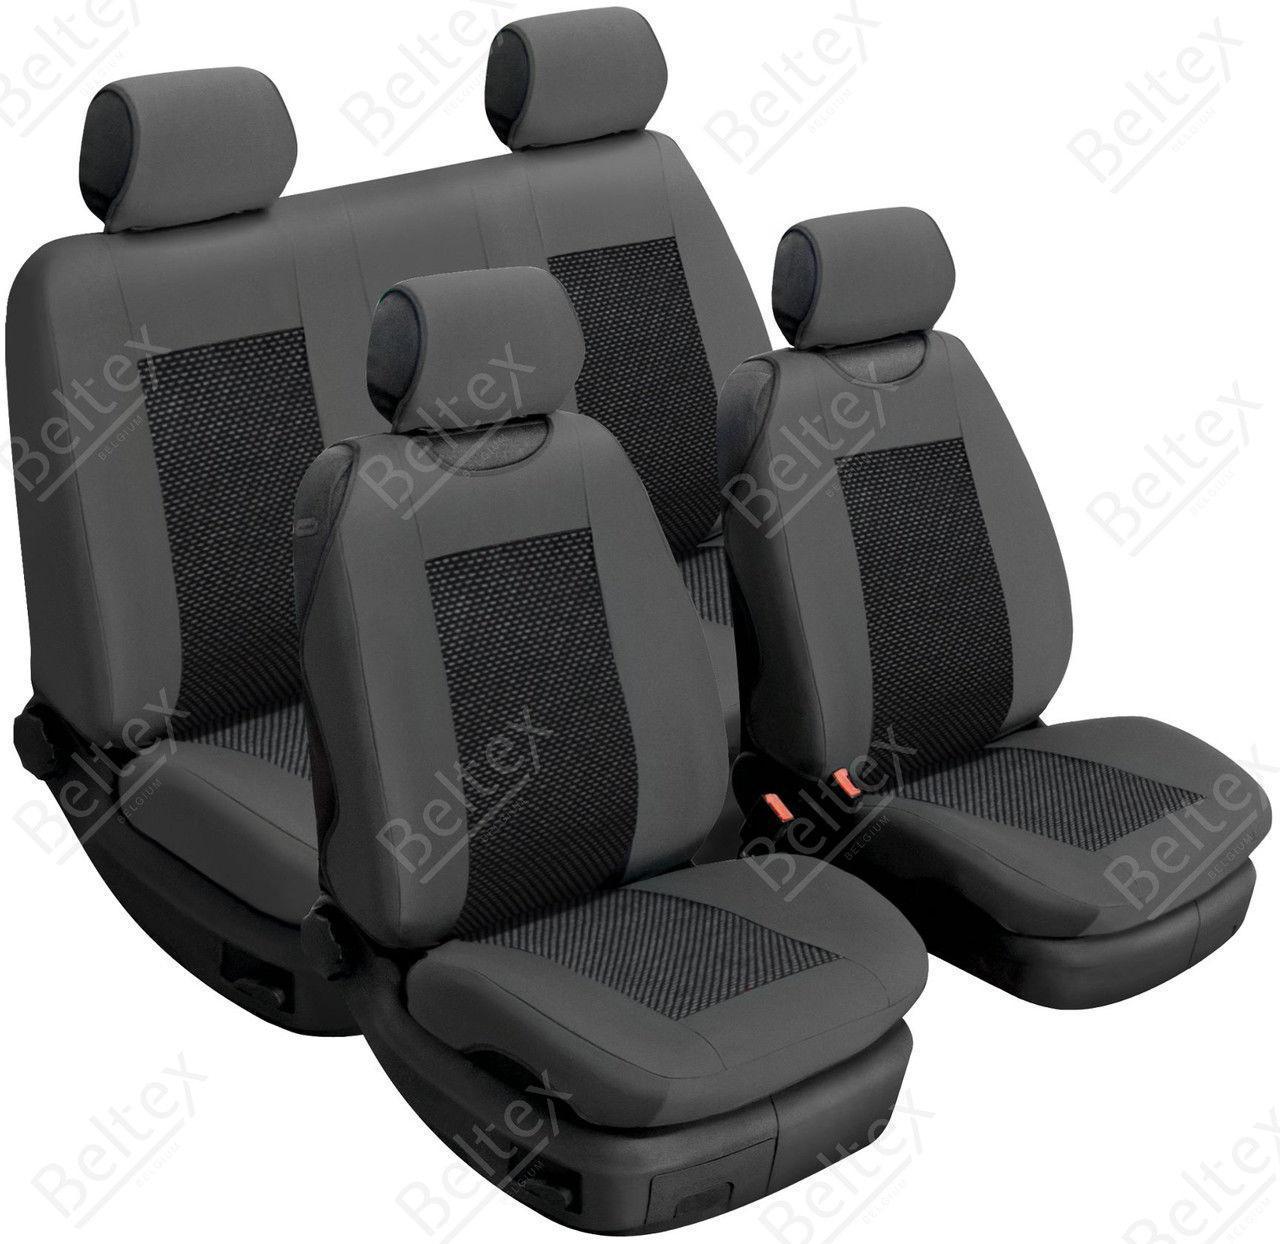 Майки/чехлы на сиденья Ниссан Примастар (Nissan Primastar)